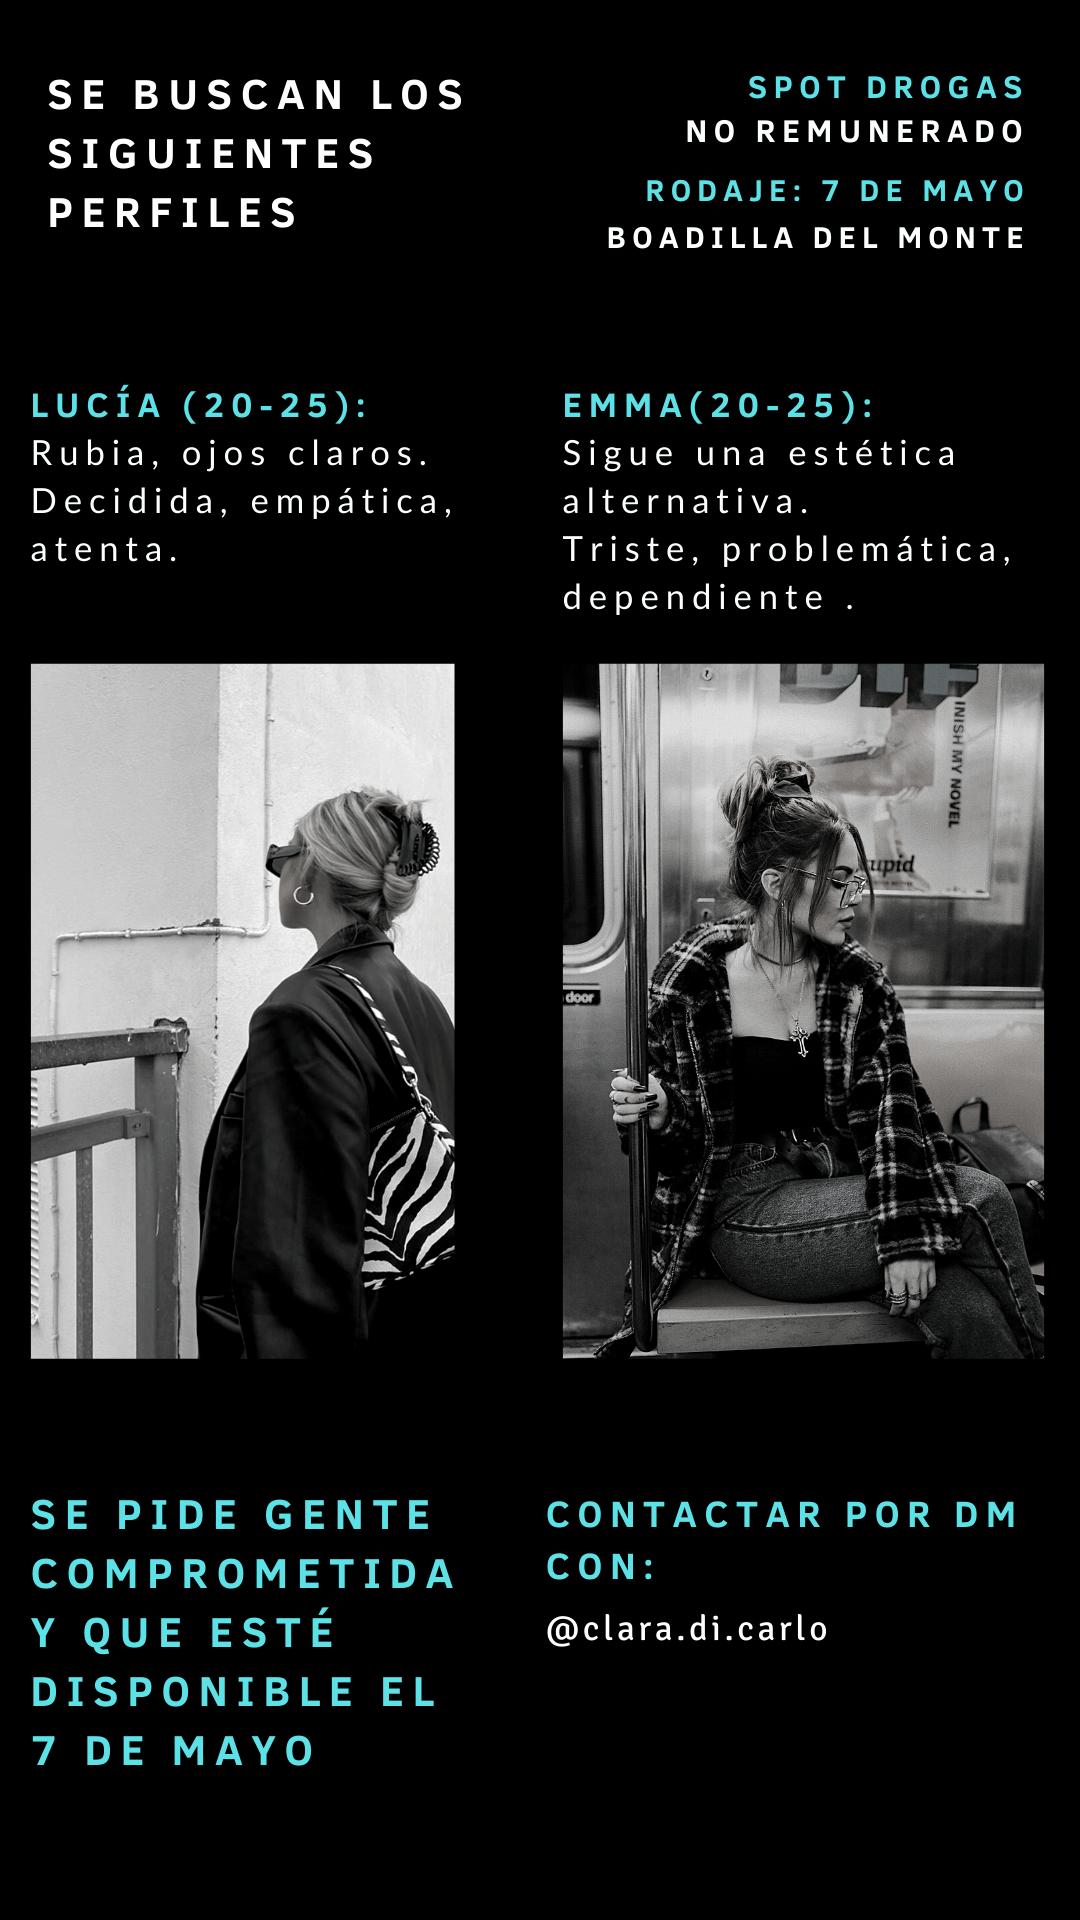 Dos actrices de 18 a 25 años para proycto universitario «SPOT DROGAS» en Madrid